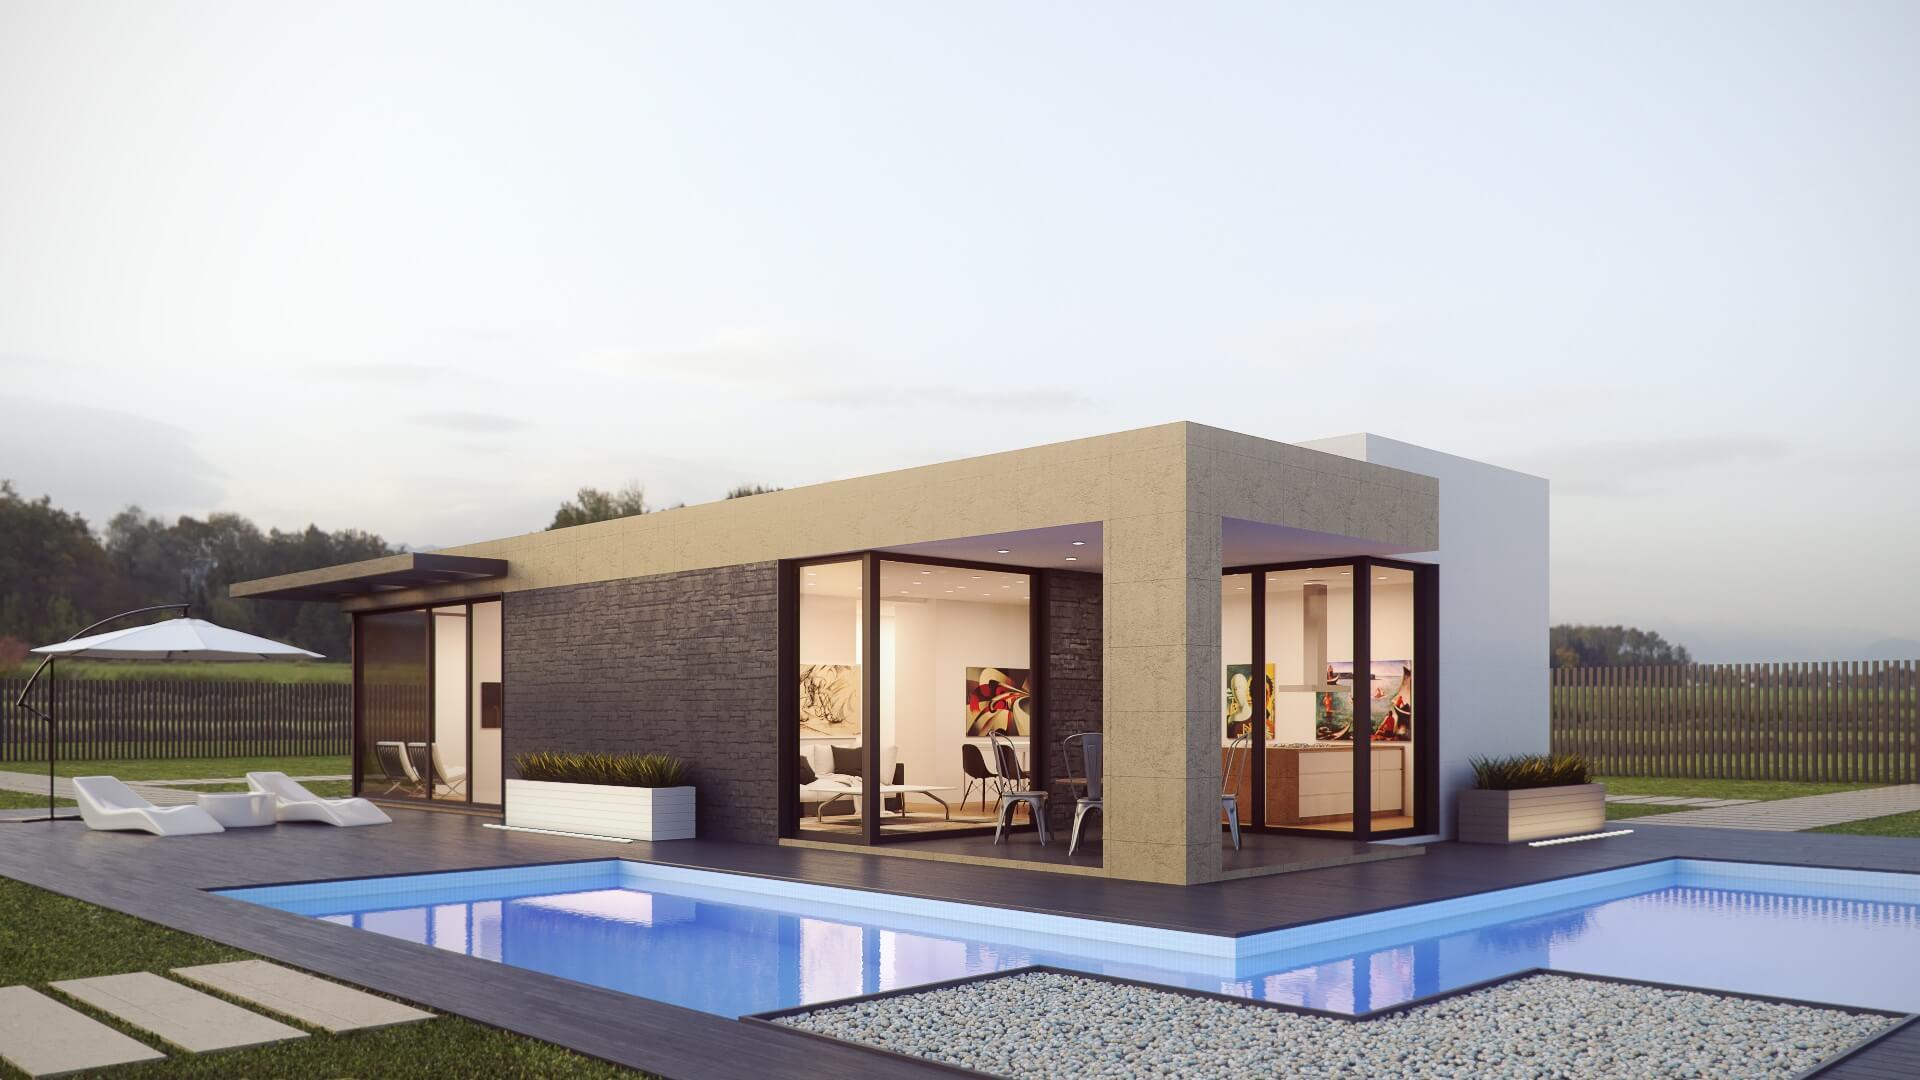 maison passive : prix et guide complet